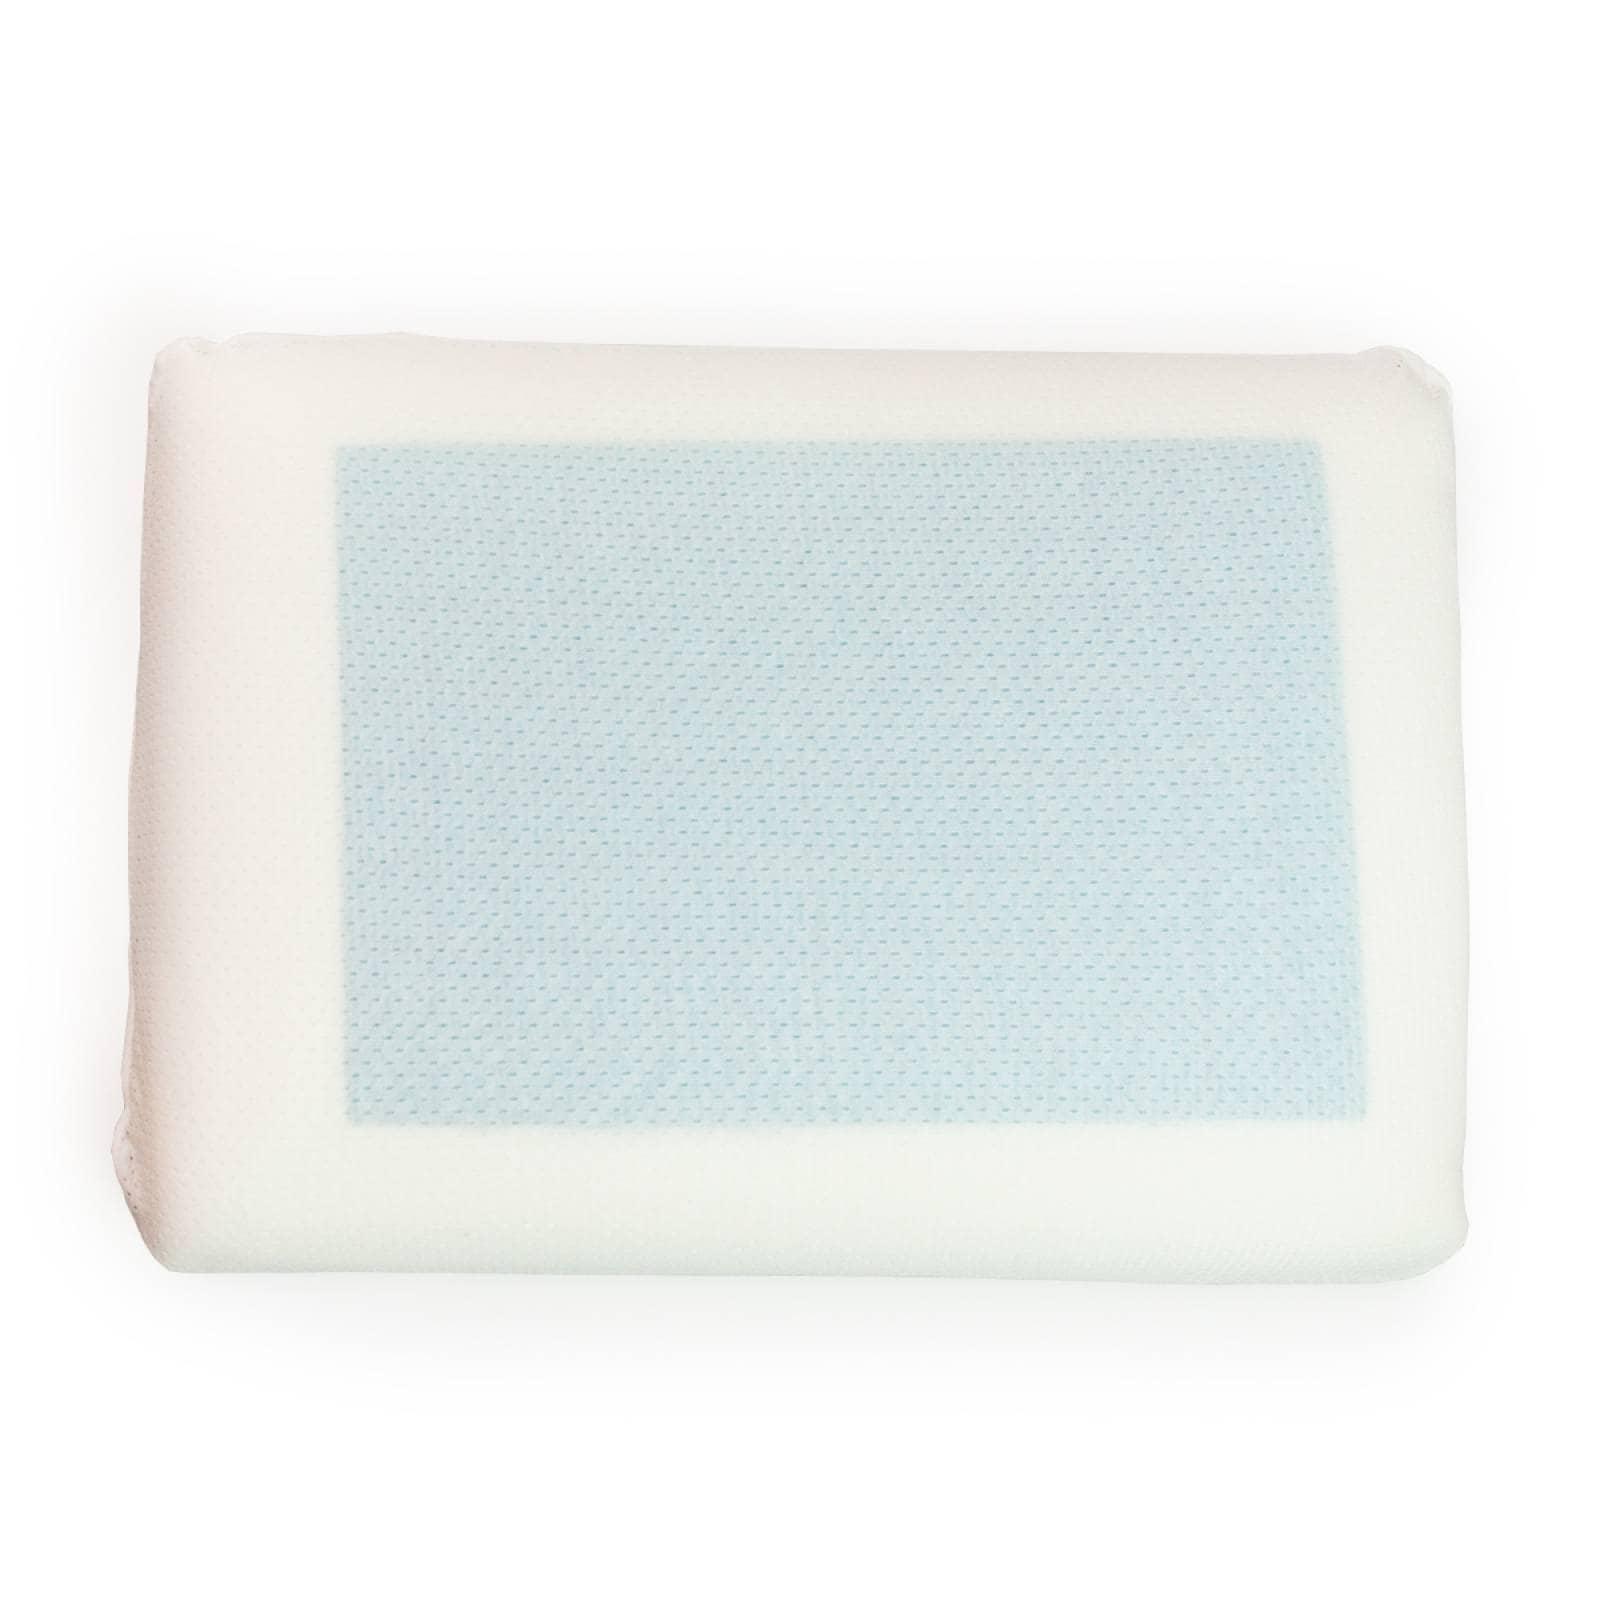 Almohada Spring Air Cool gel Pillow - Muy Firme Estándar